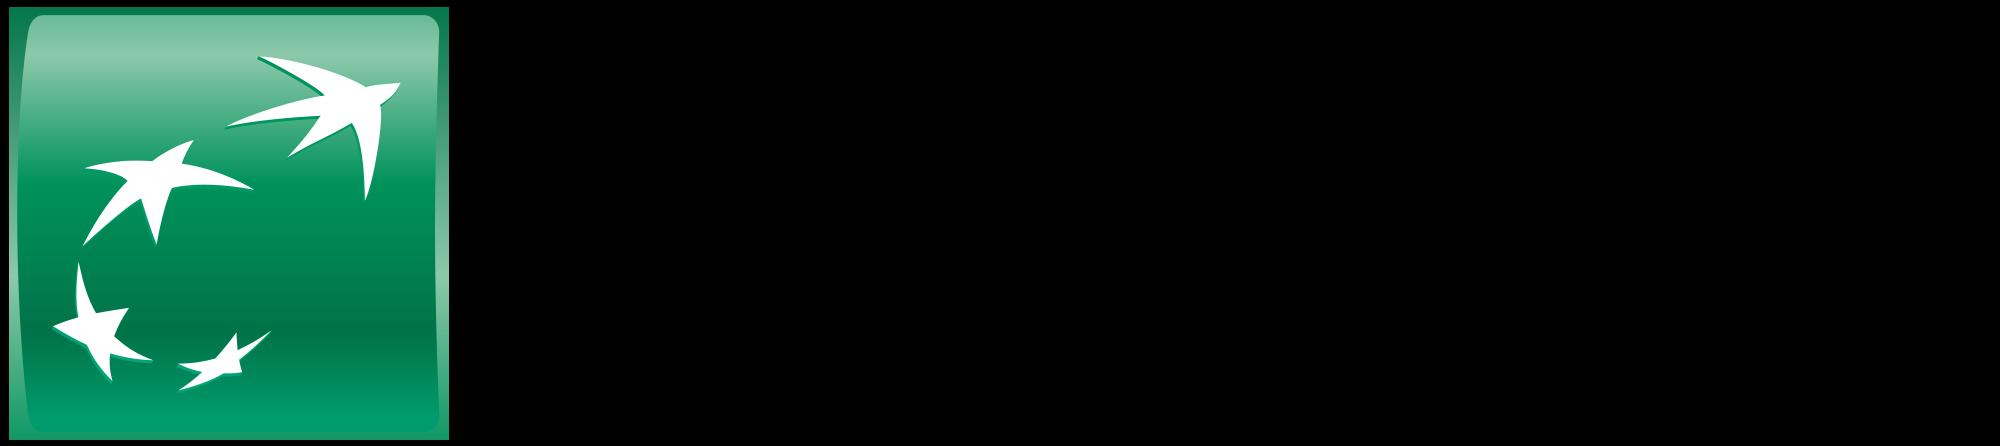 BNP Paribas SA (ADR) logo